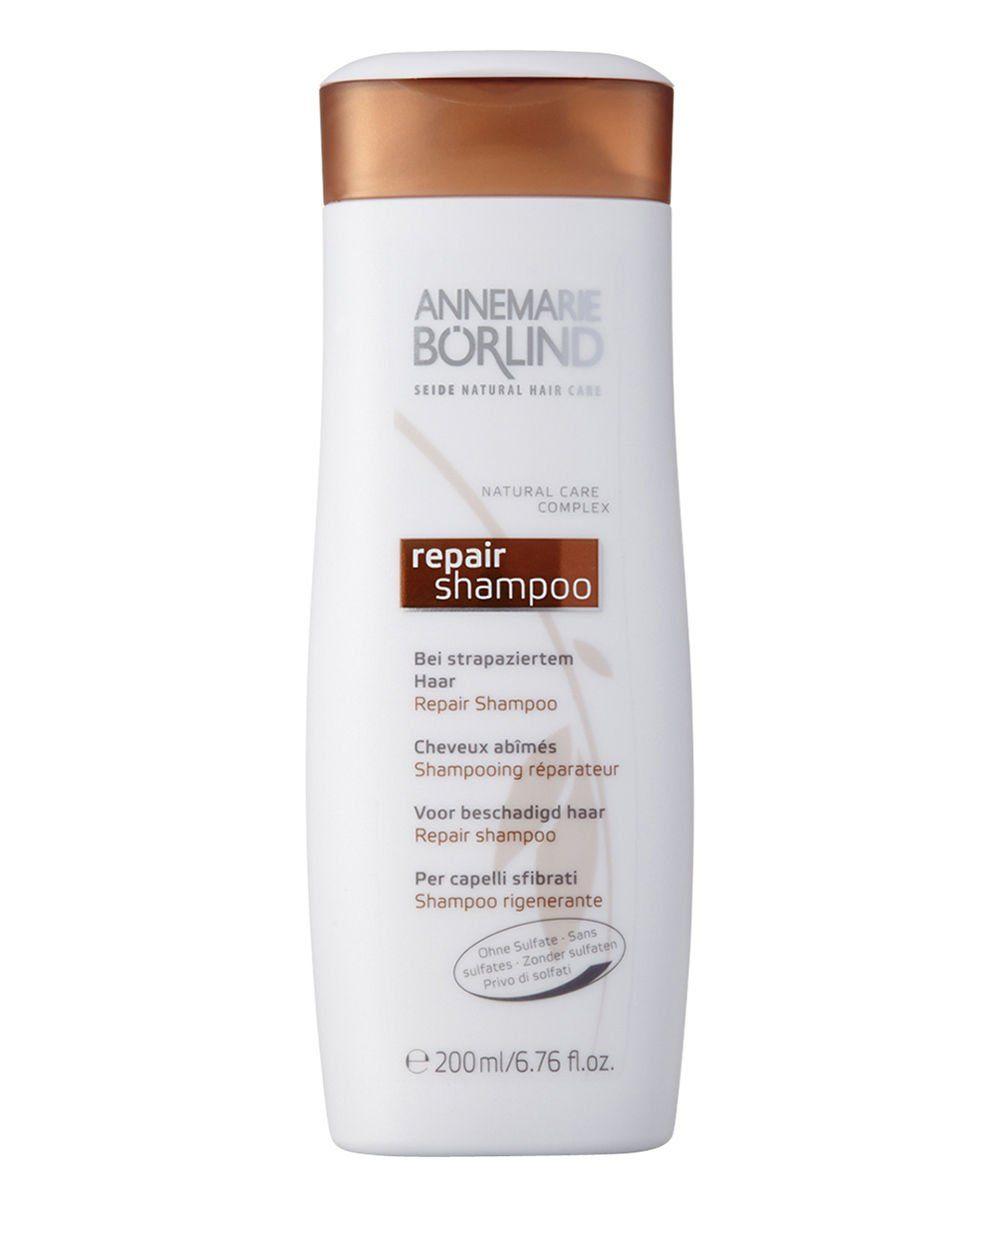 Annemarie Börlind Shampoo »Seide Natural Hair Care repair shampoo«